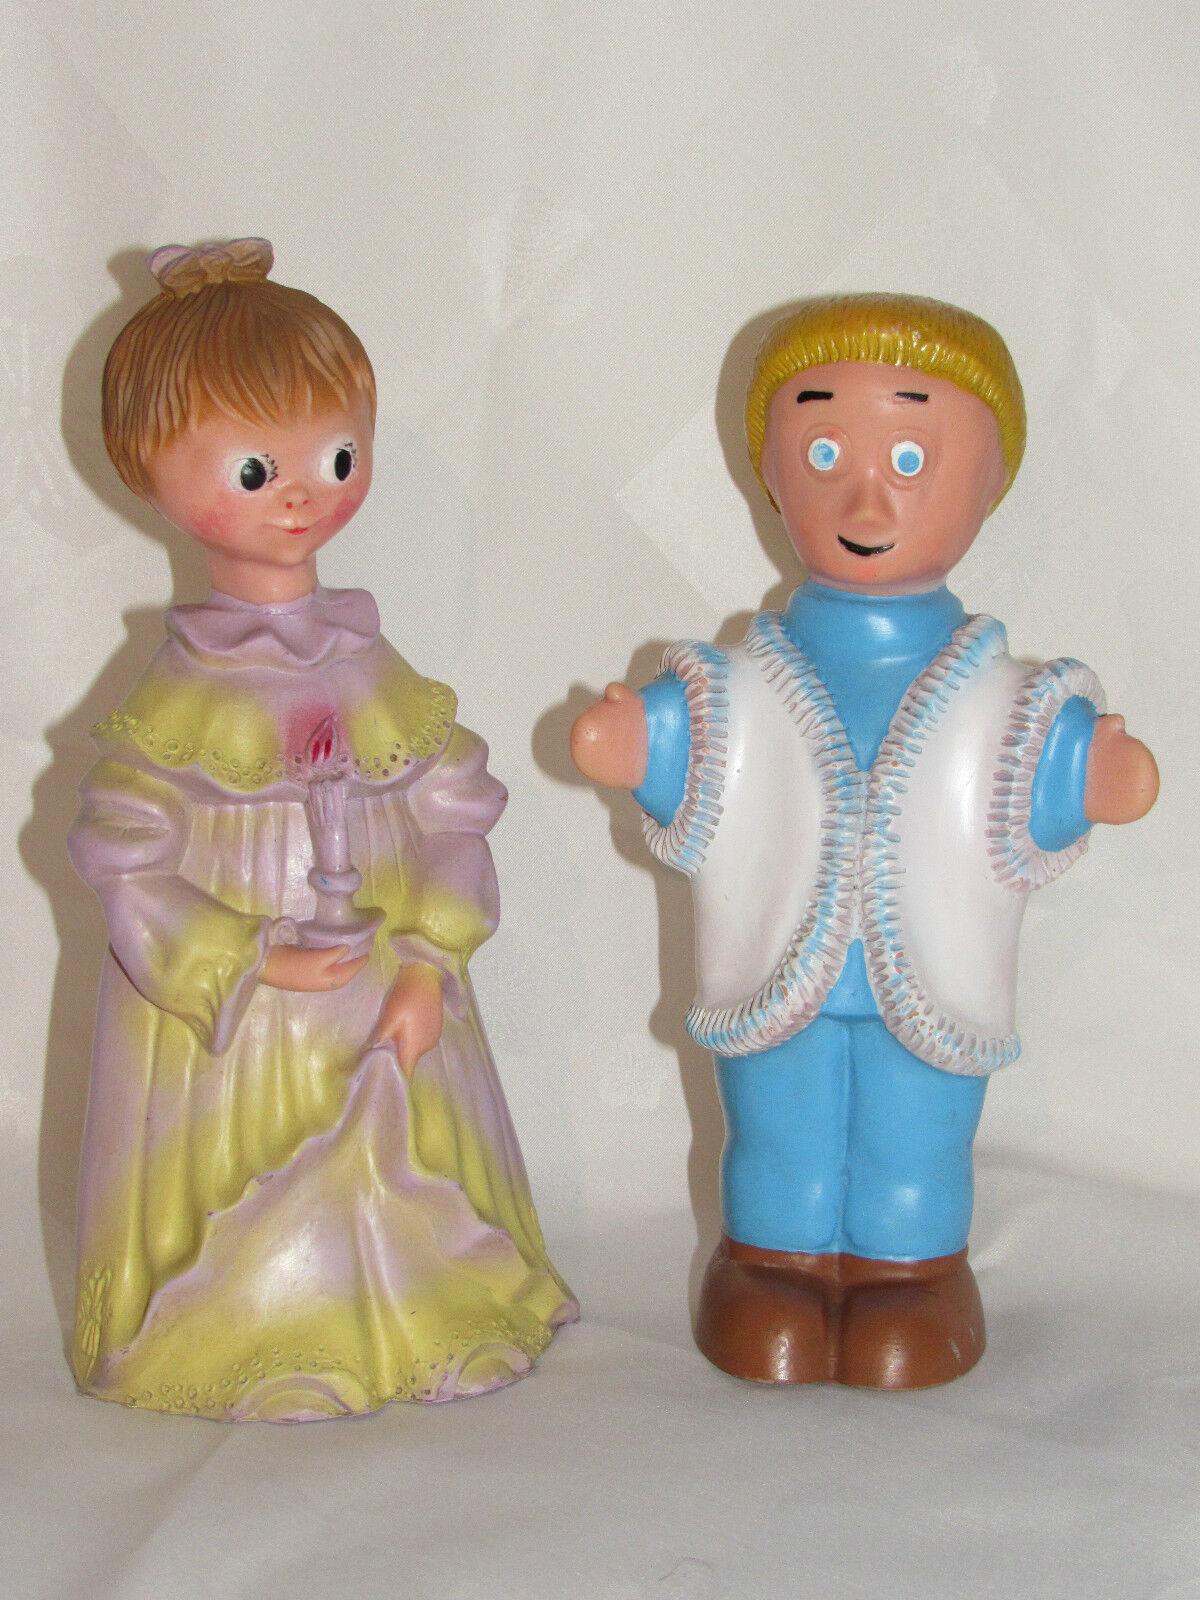 01c9 los 2 anciennes figuren vintage - jouet pouet pouet dessin anime ortf 1950